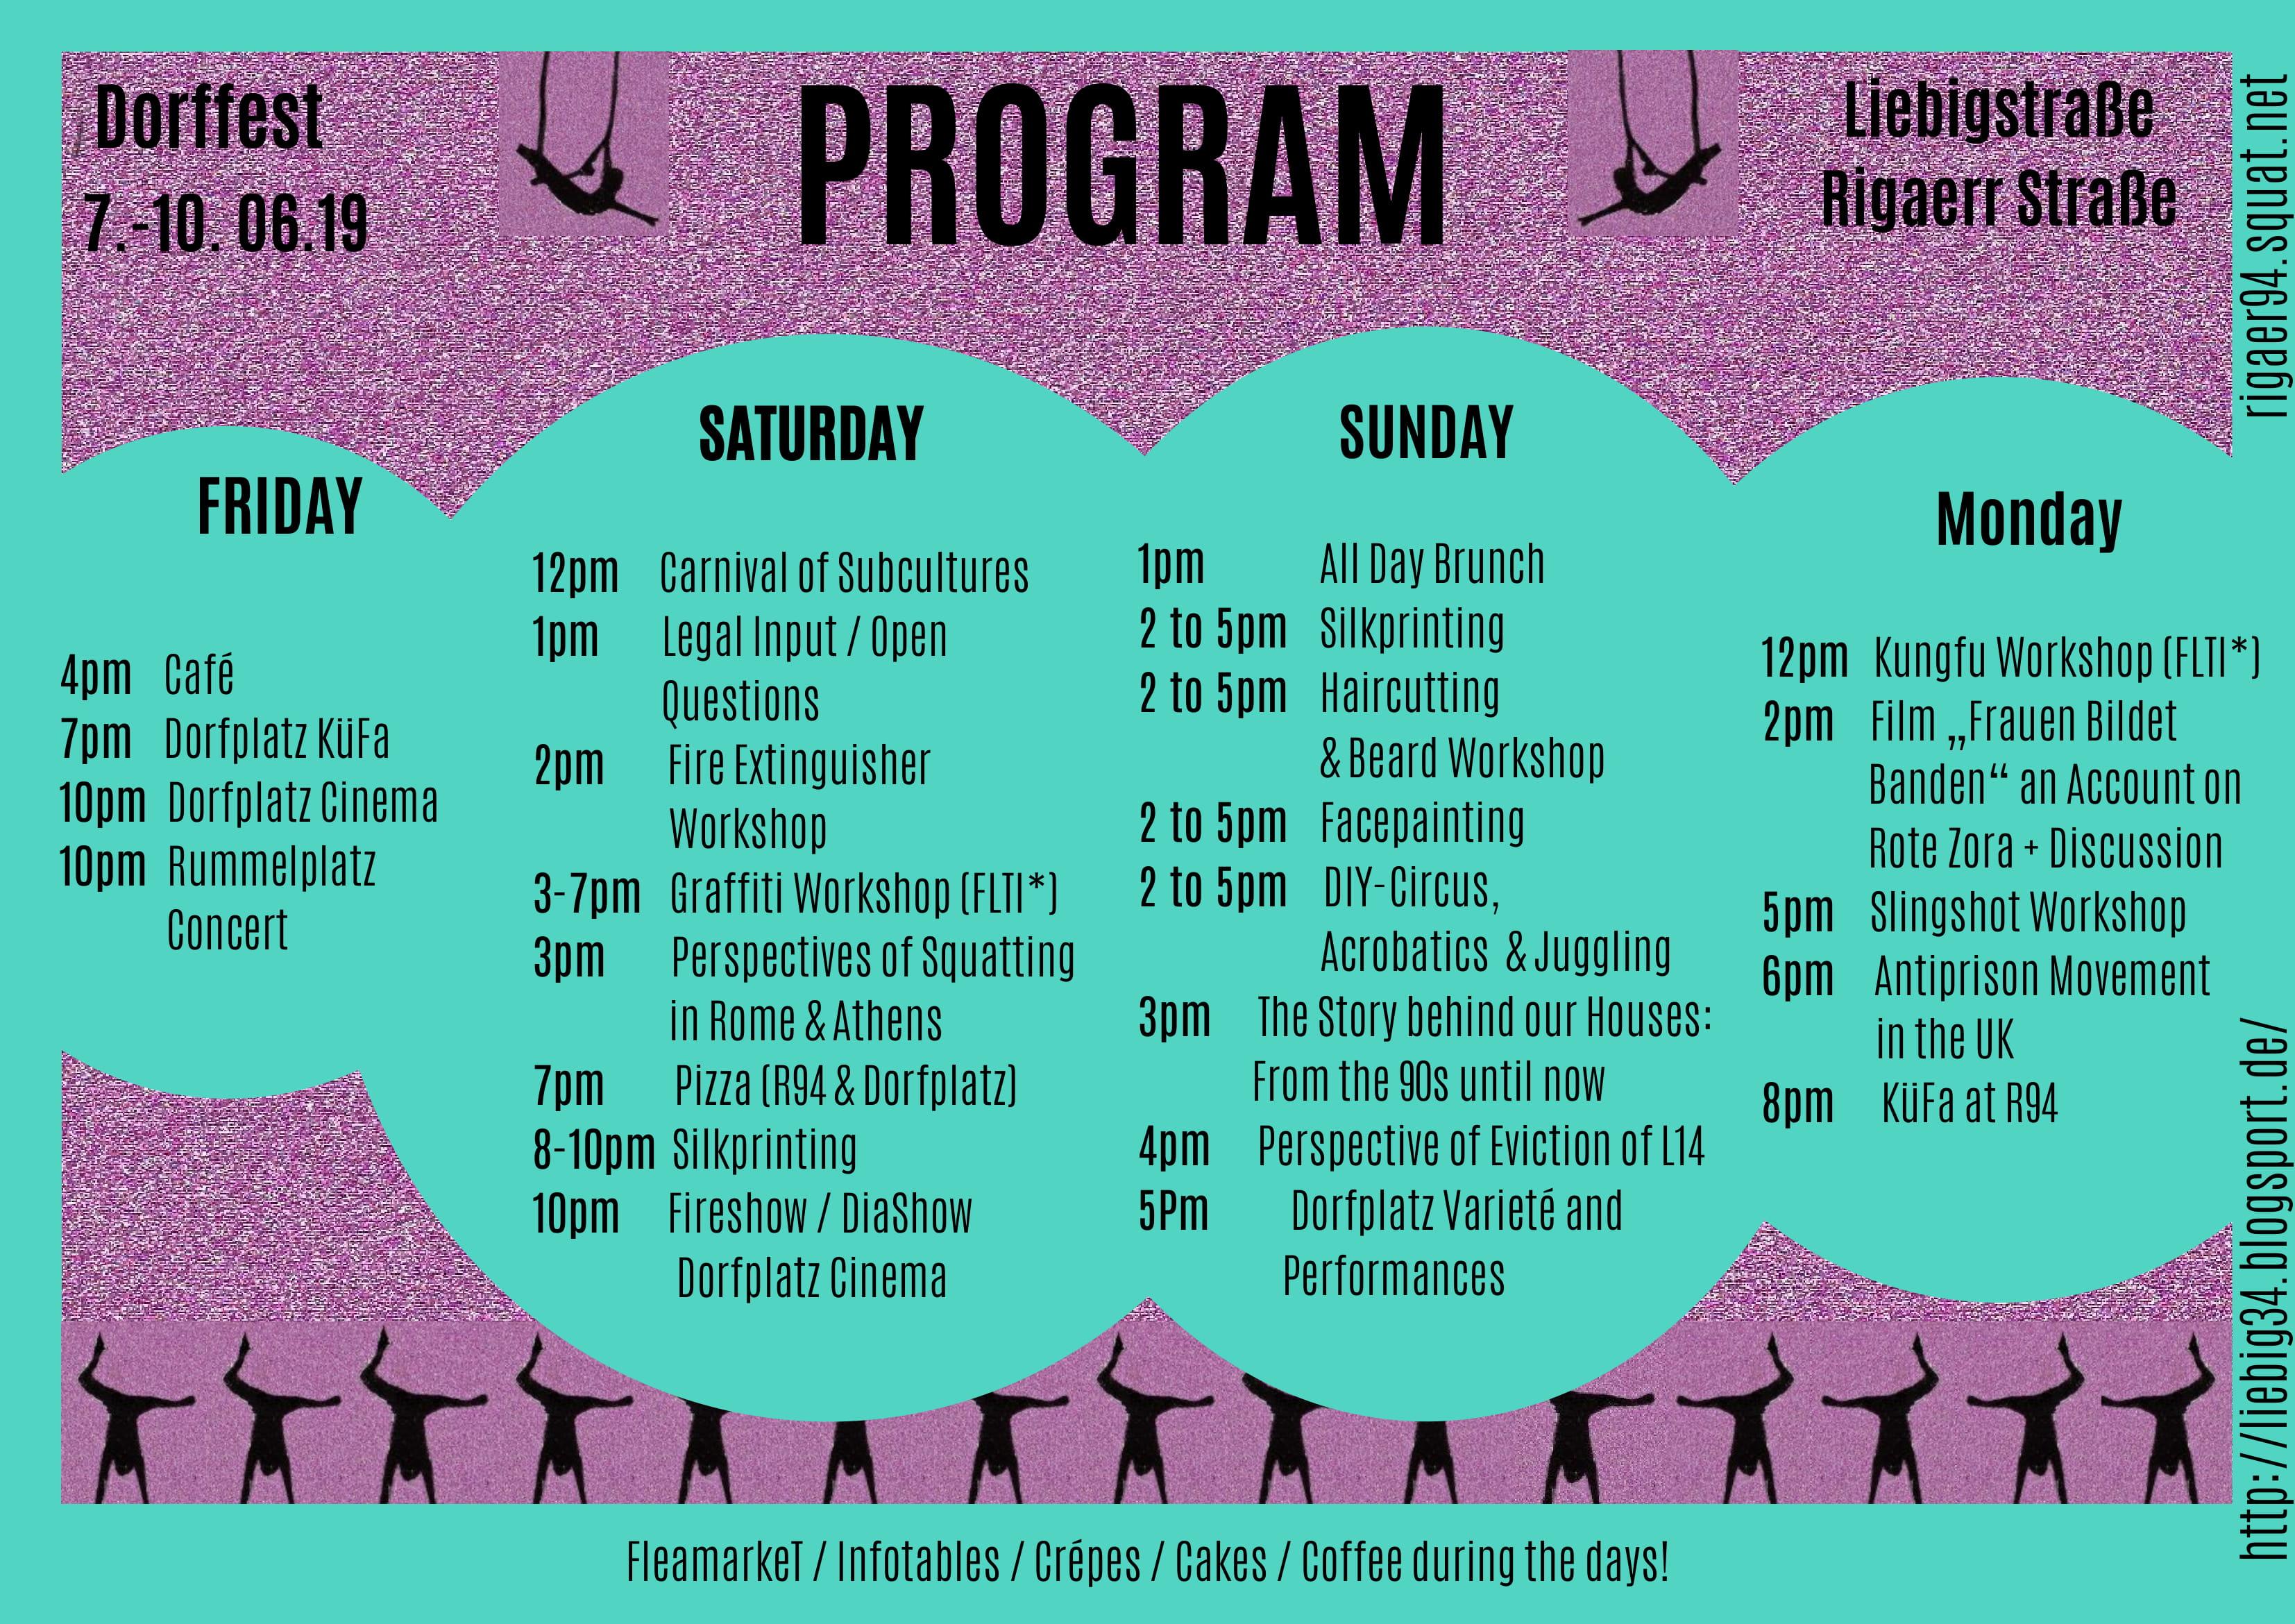 Dorffest program